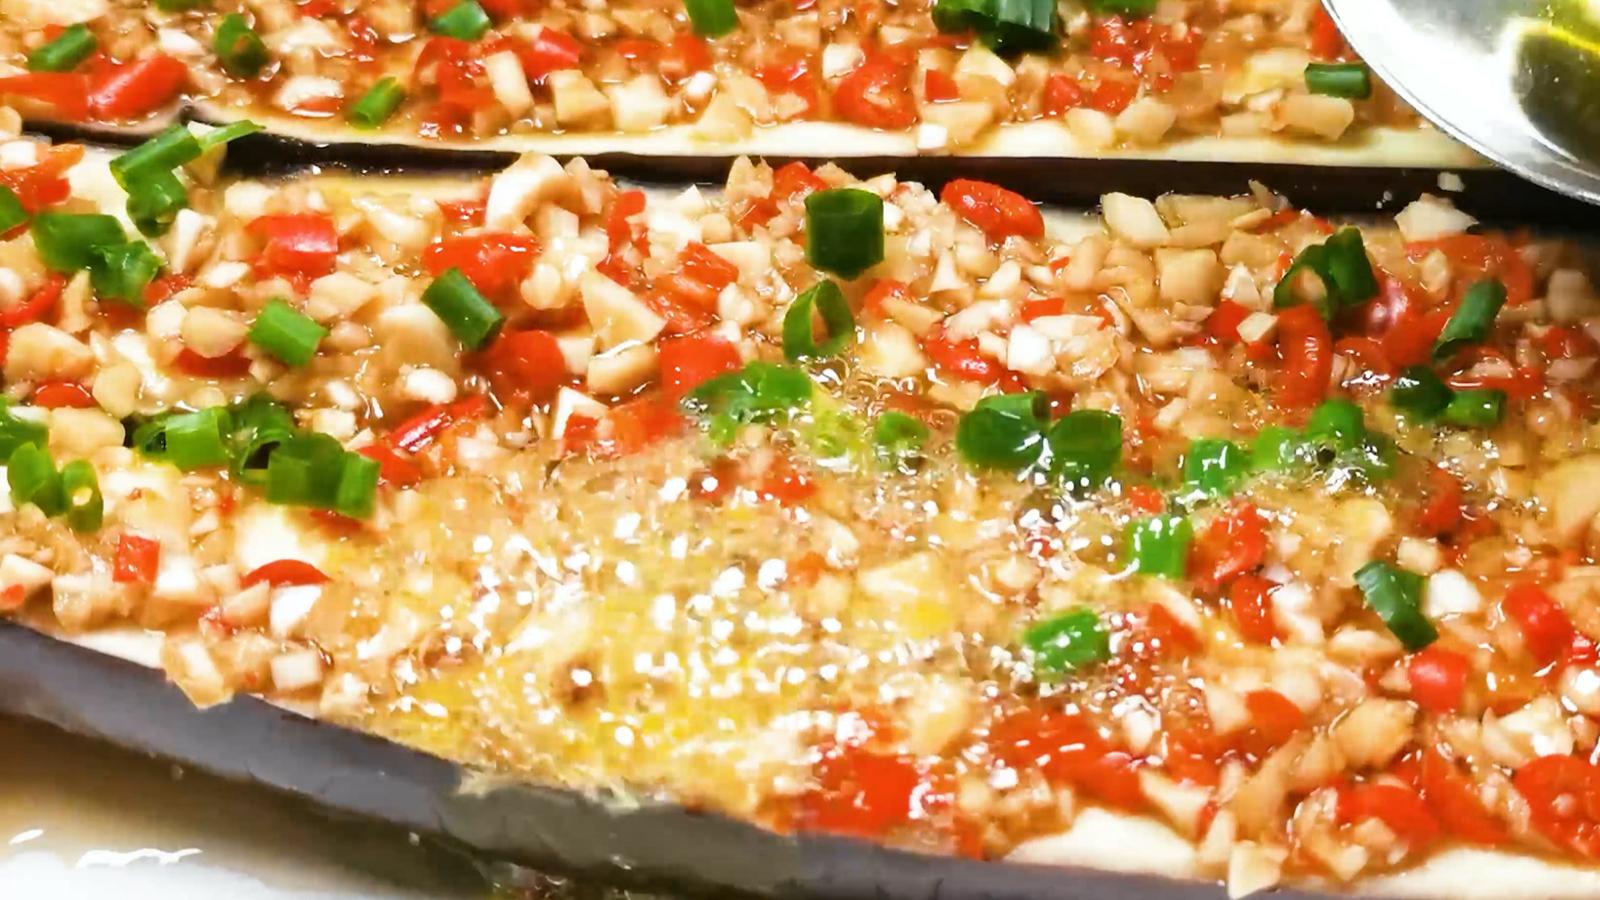 蒜蓉茄子:最简单最好吃的教程 搭配周董的mojito 喝两口简直舒适